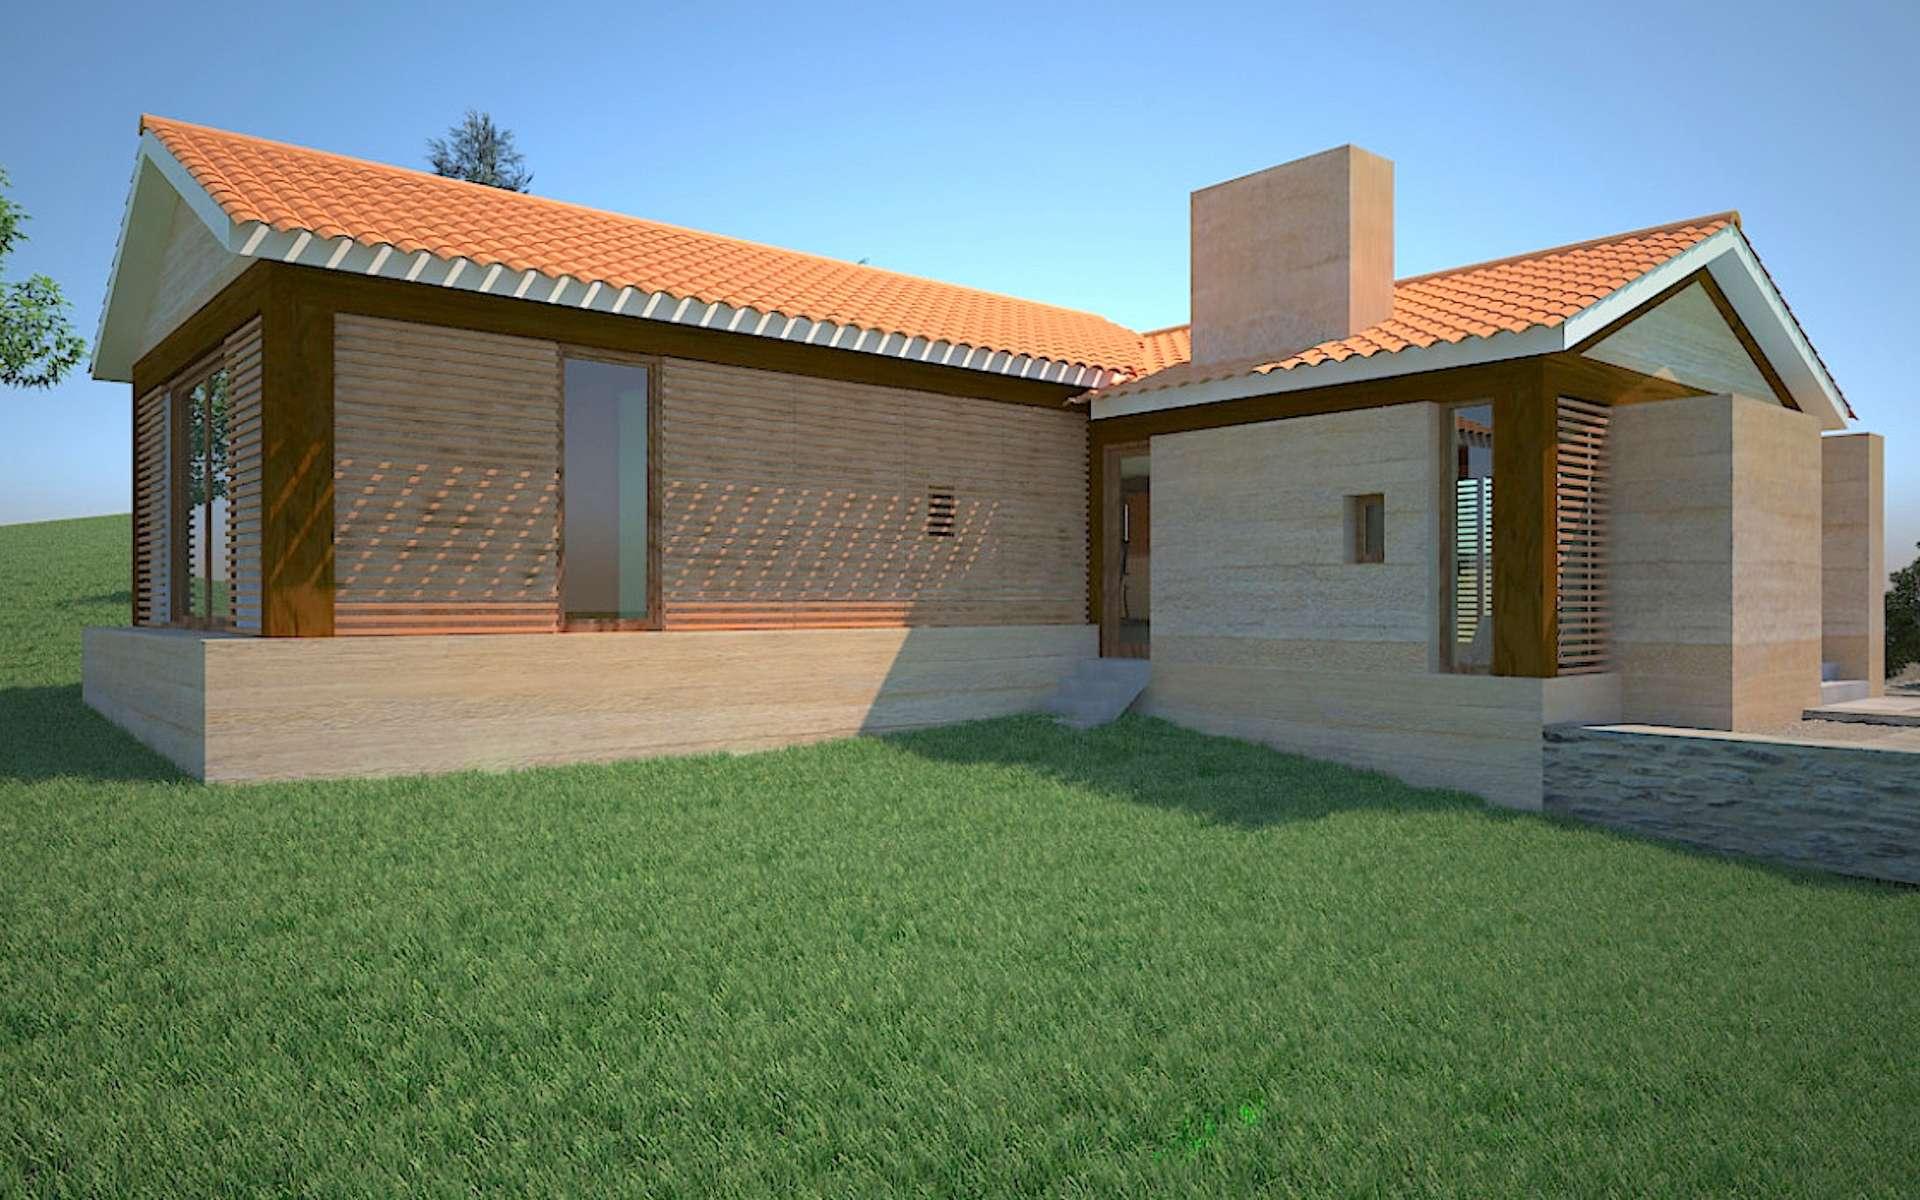 Maison neuve en pisé de 125 m2, conçue selon les standards de l'efficacité énergétique. © archidvisor.com